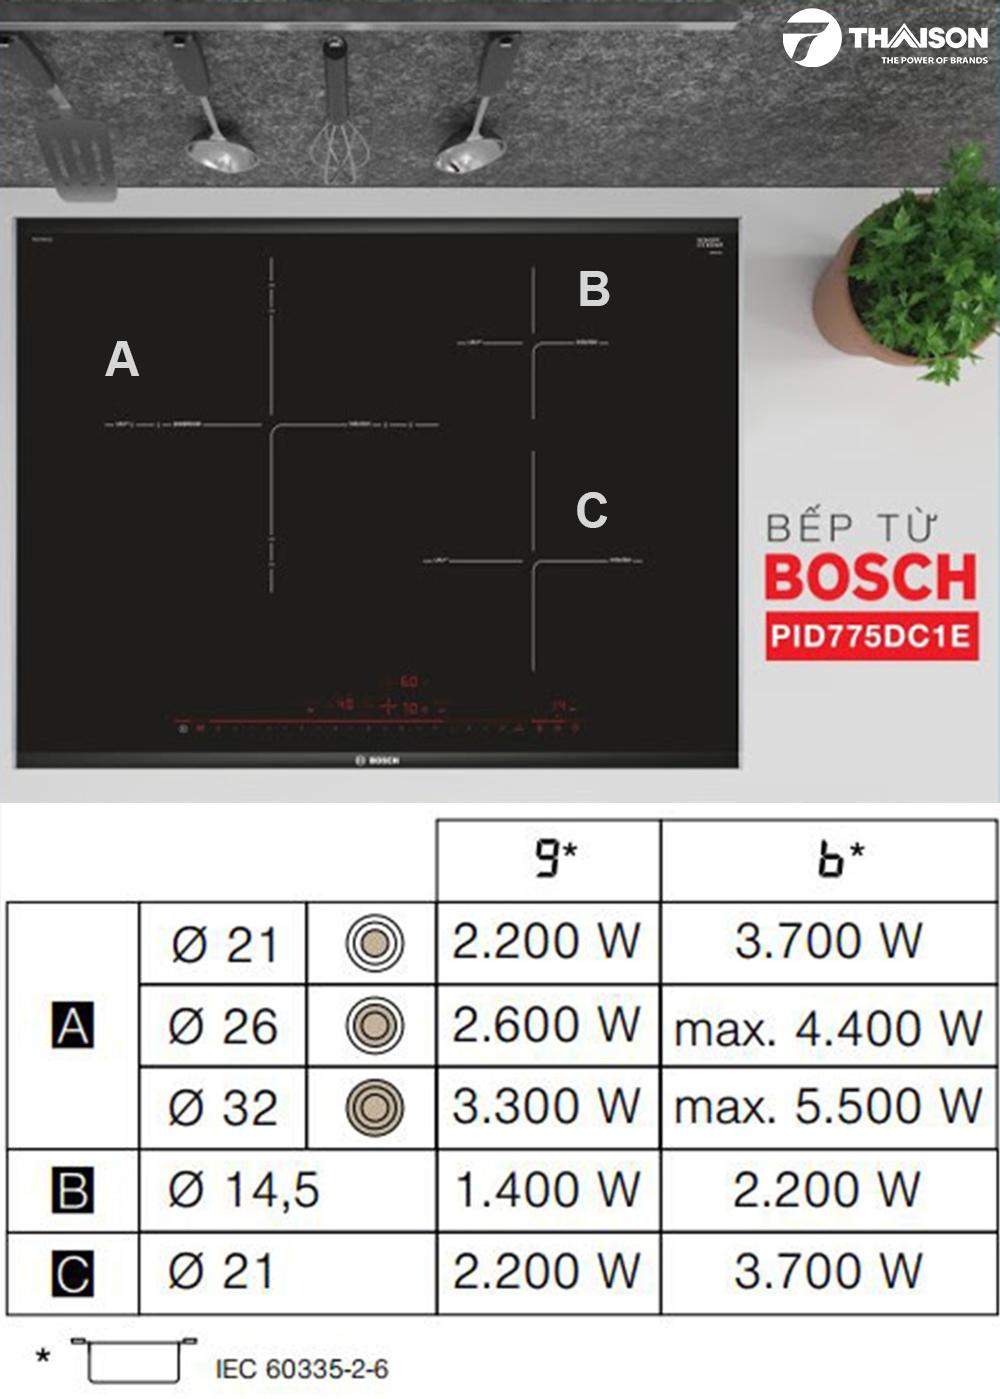 Công suất và chế độ PowerBoost của bếp từ Bosch PID775DC1E.